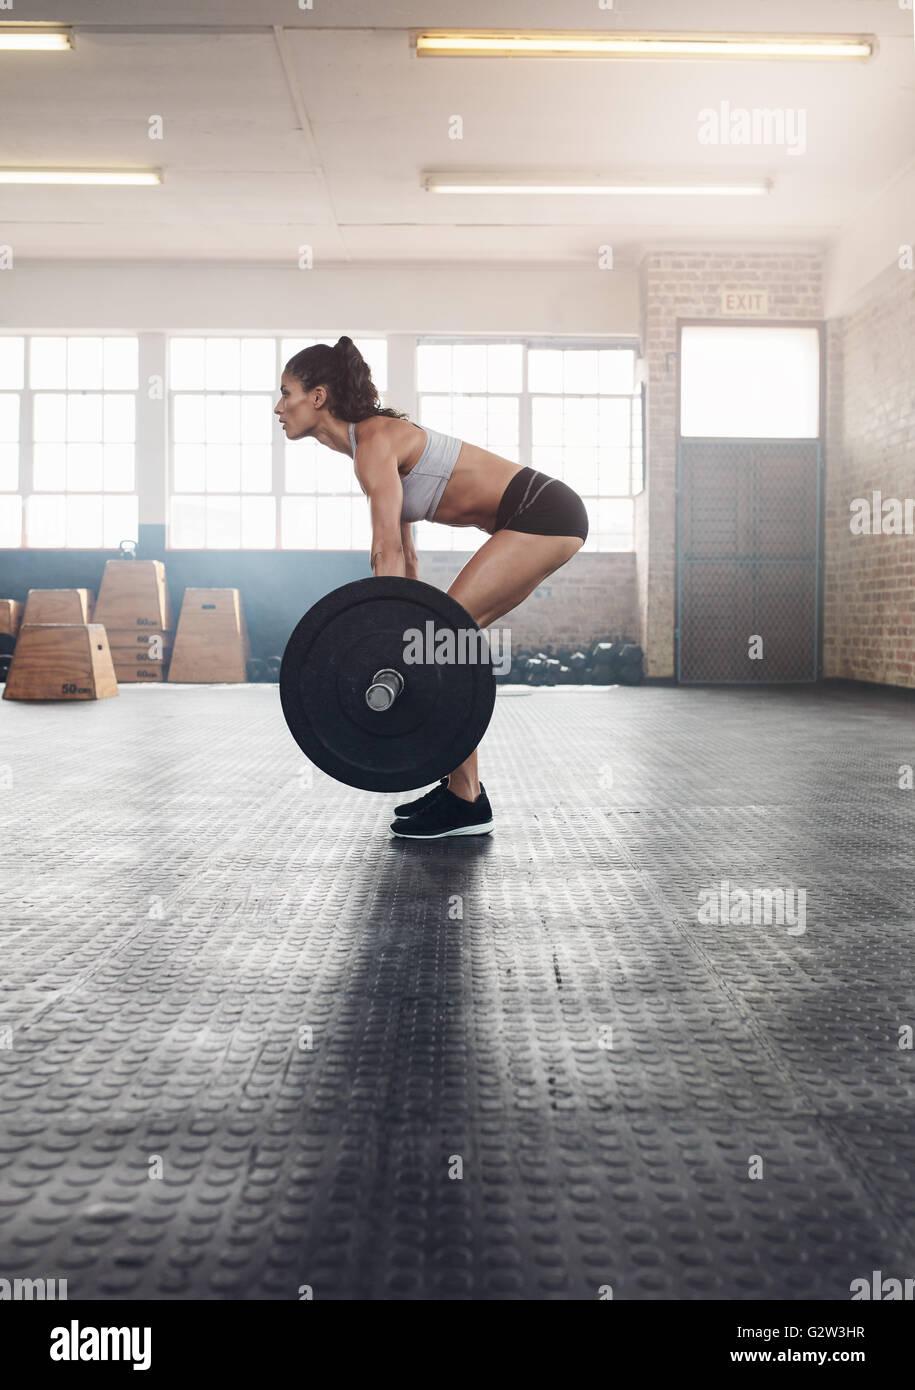 Vue de côté femme remise en forme faire de l'exercice avec un poids lourd dans la salle de sport. Photo Stock